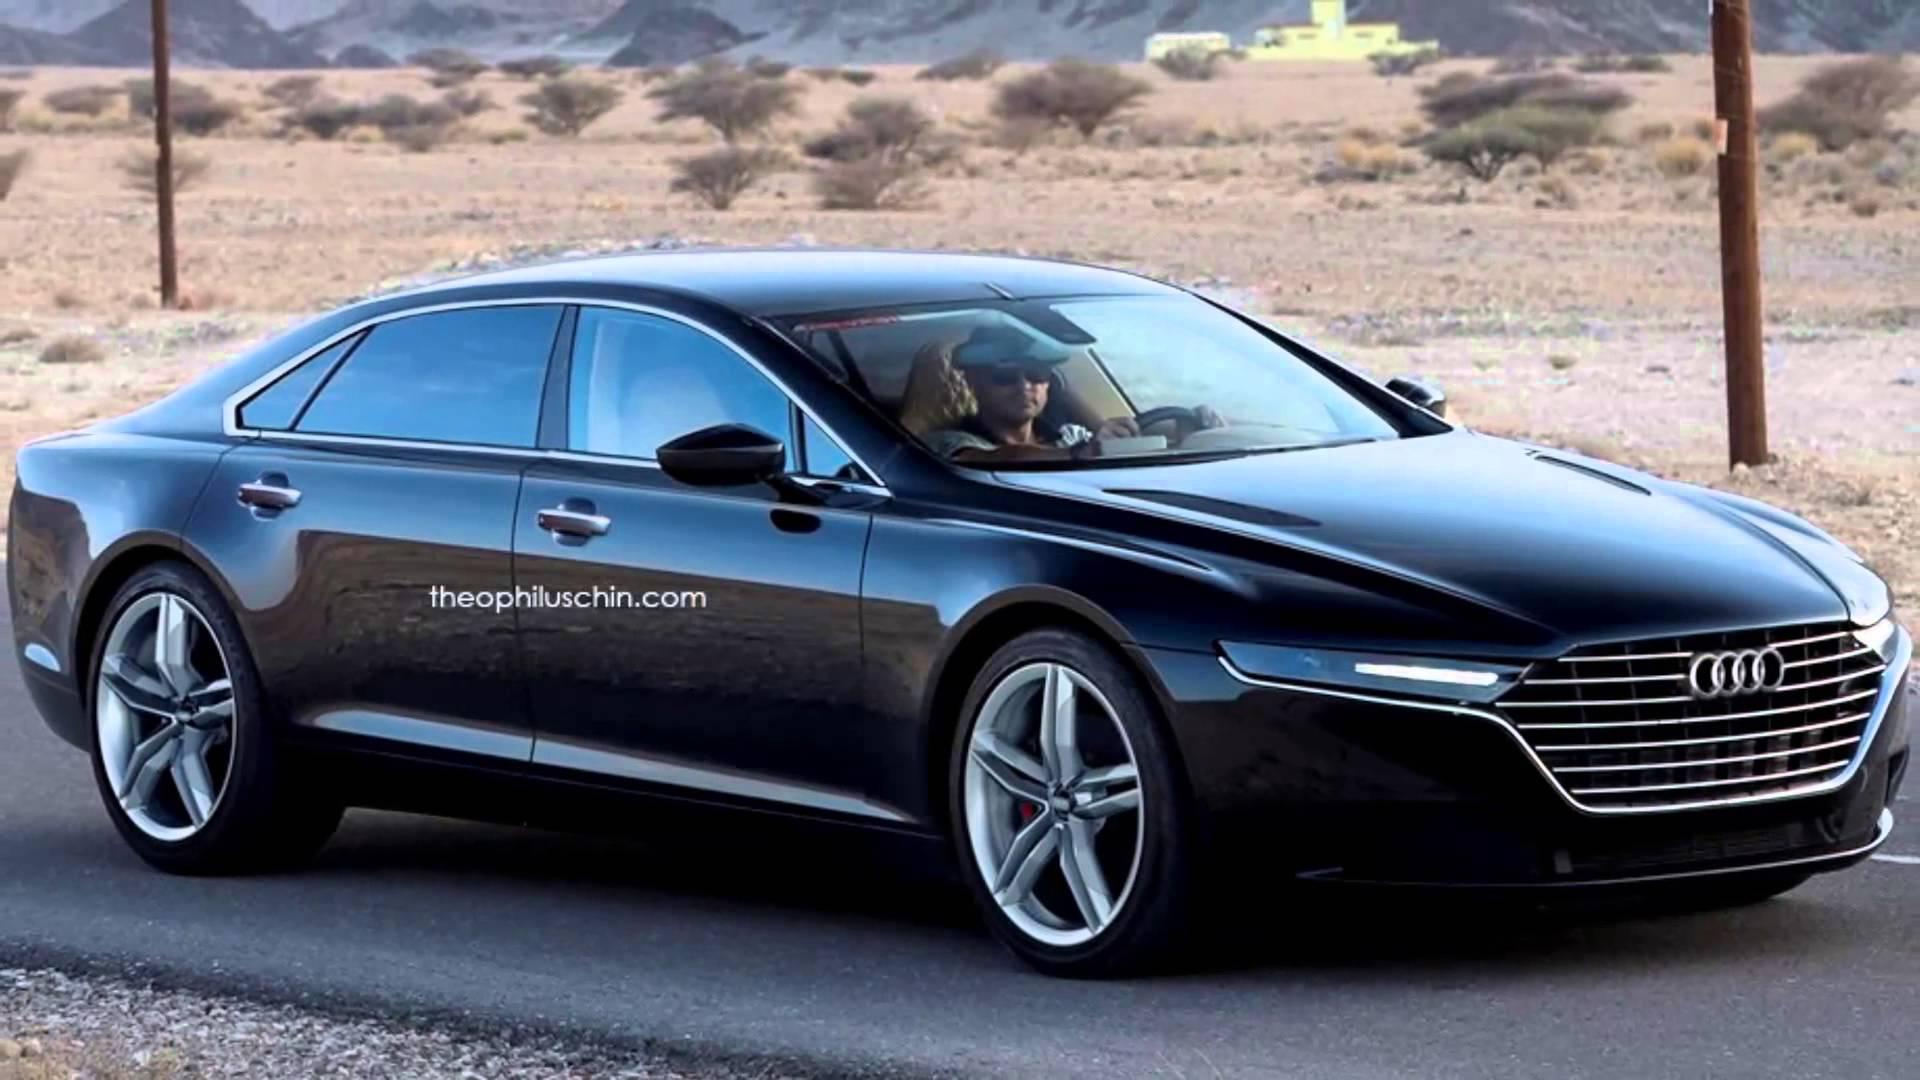 Audi A9 Elektrik İle 199 Alışacak Araba